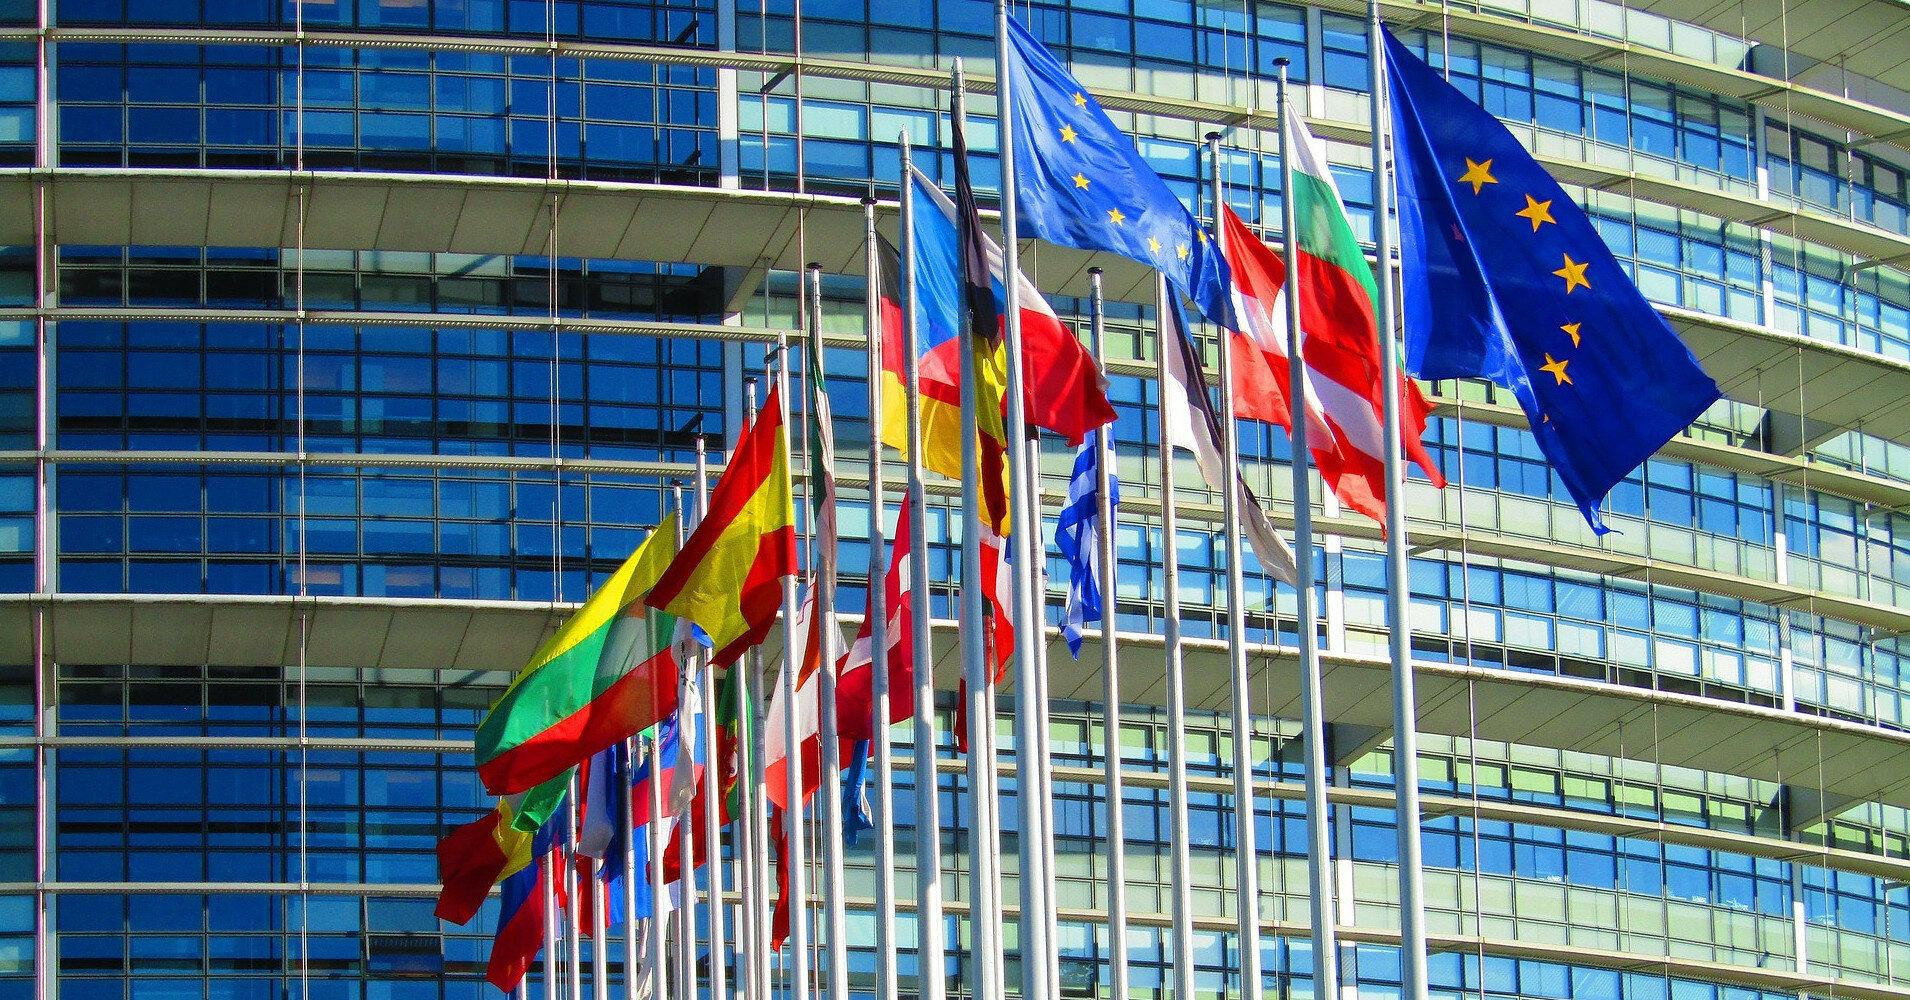 Визначено найбагатшу і бідну країну Європи